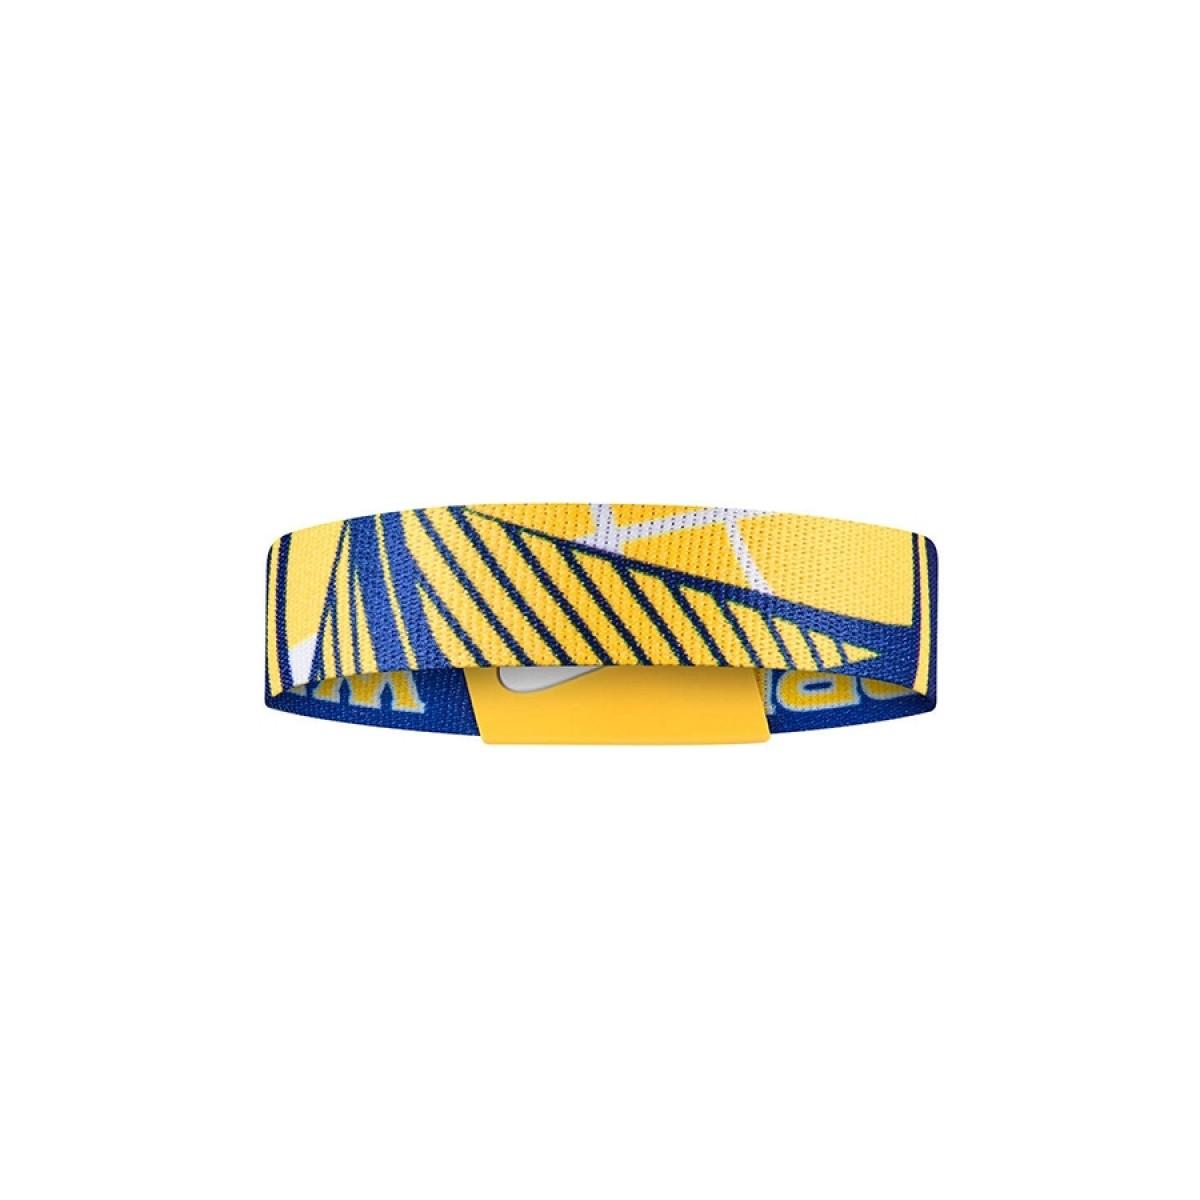 Nike NBA Baller Bands GS Warriors 'Blue'-N1000562488